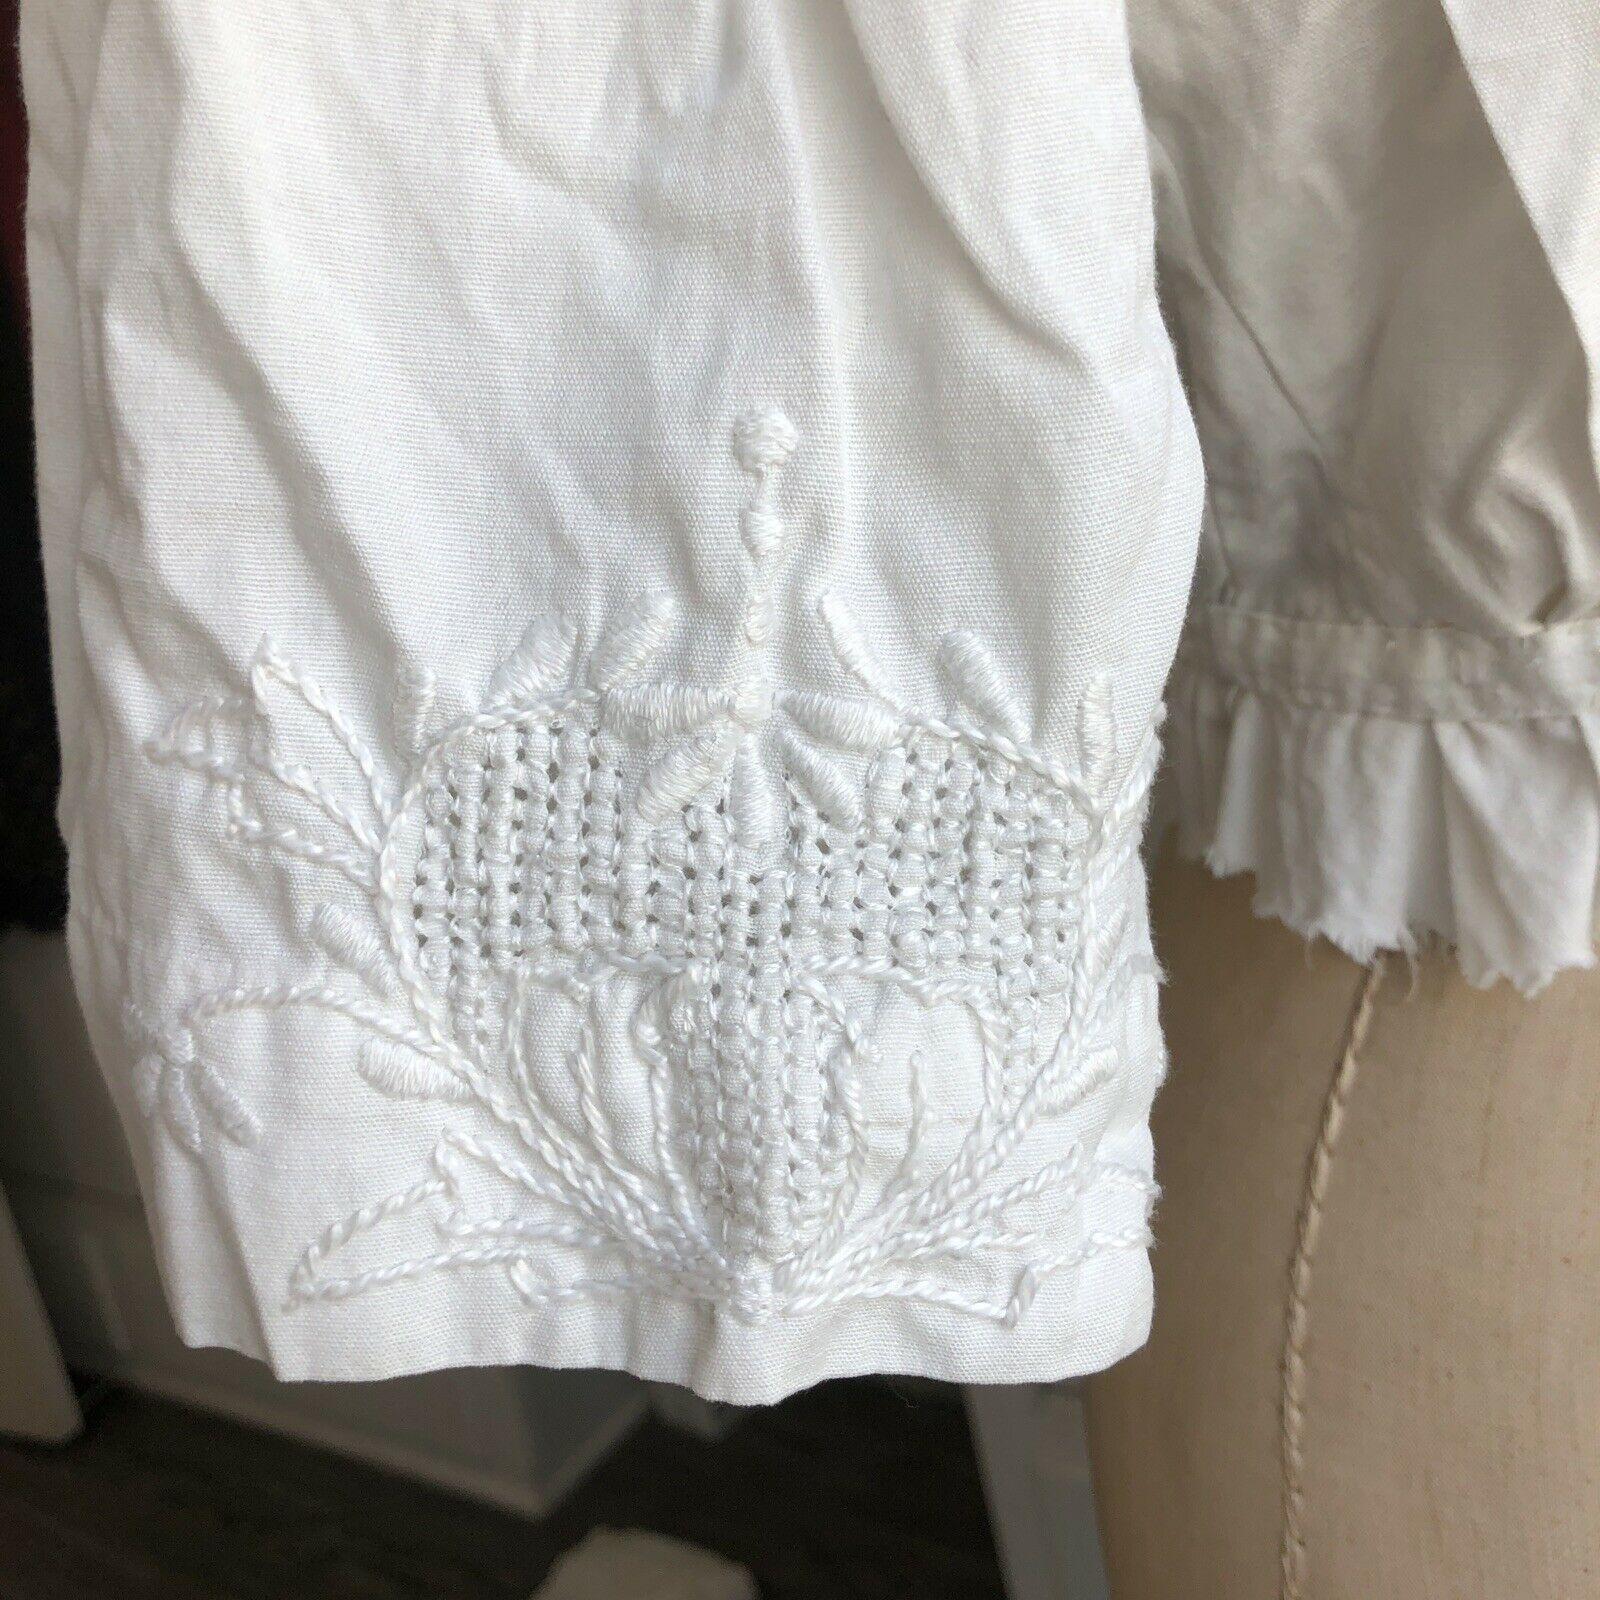 Antique White Embroidered Edwardian Bodice Blouse - image 4